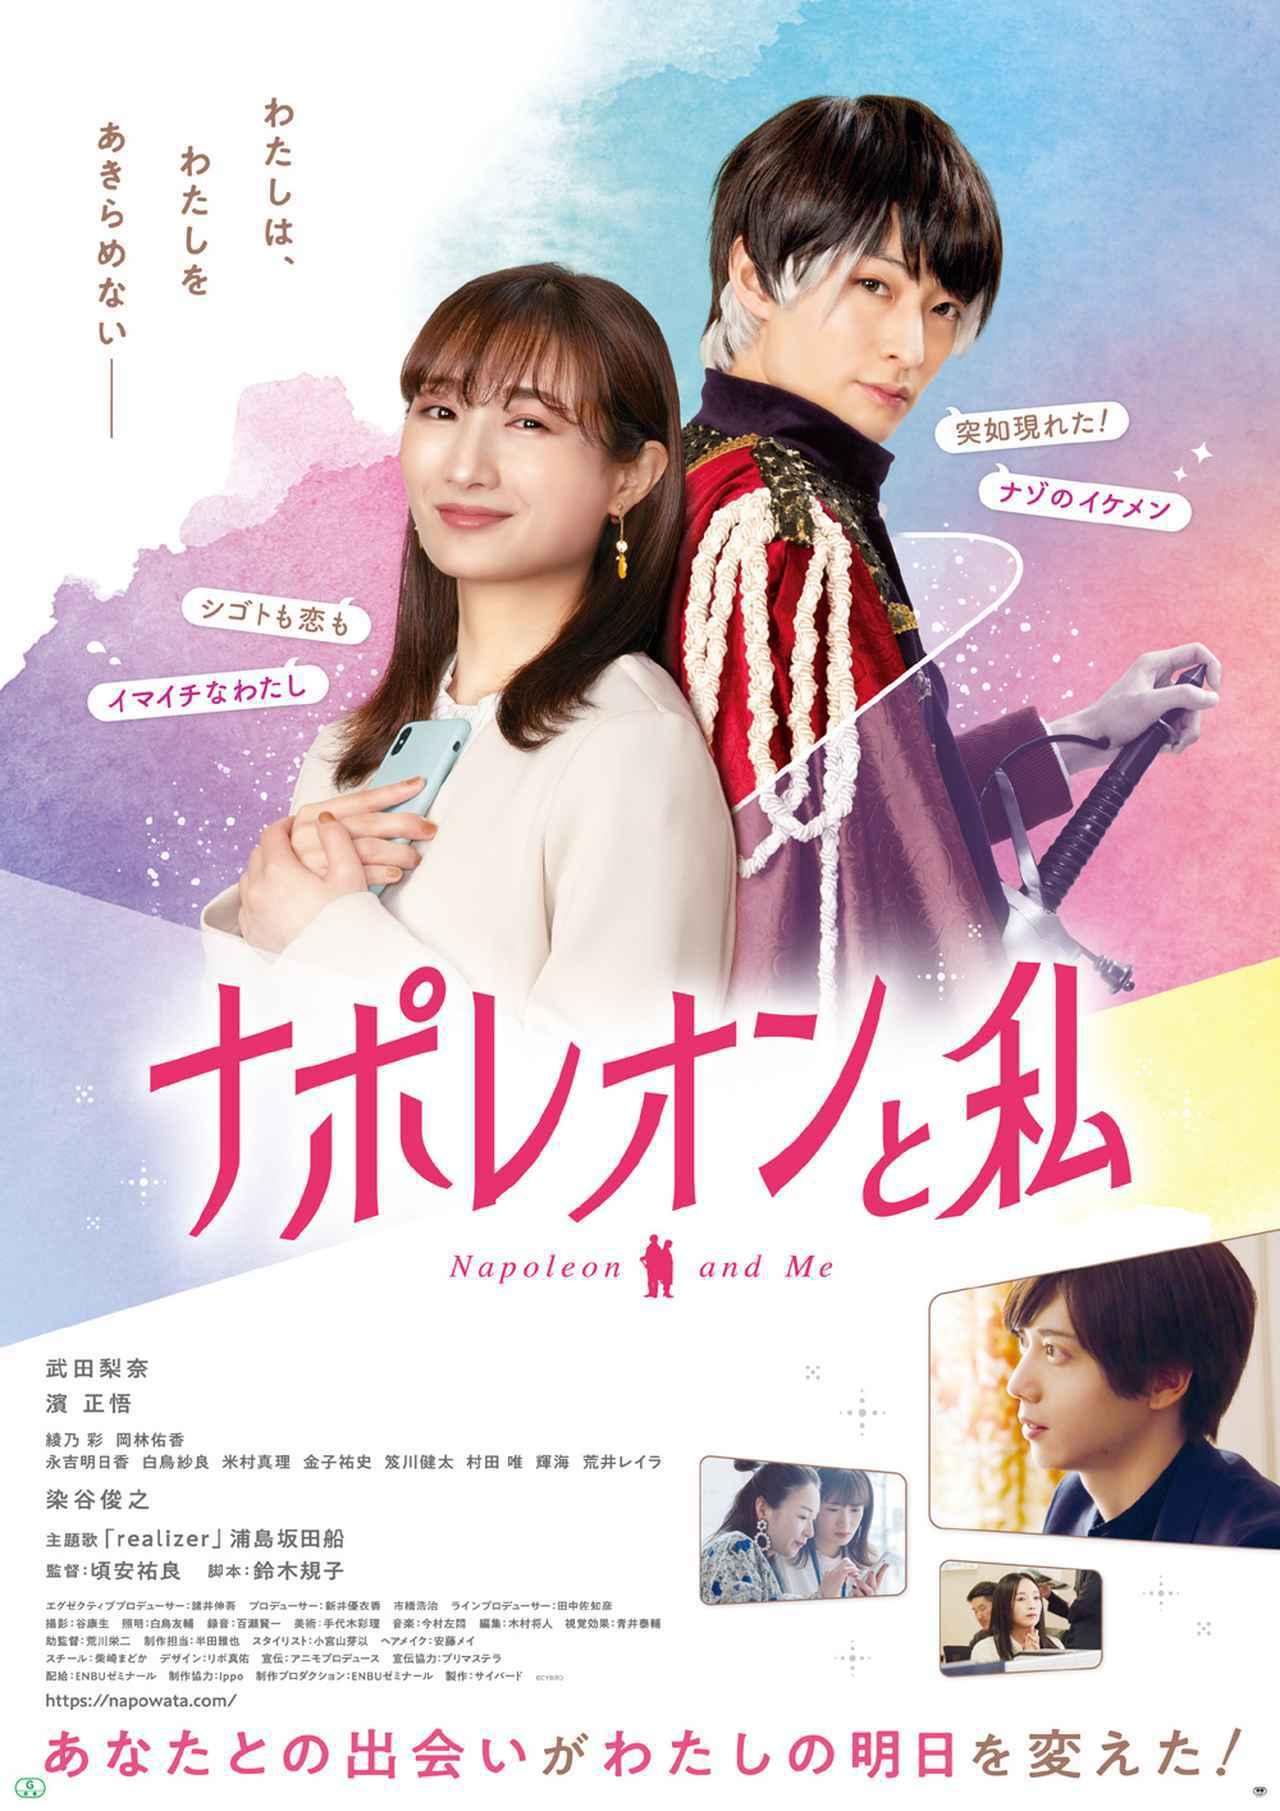 画像5: 「綾乃彩」が2次元好きのヲタク女子を熱演! 妄想系恋愛ファンタジー作『ナポレオンと私』、7月2日より公開